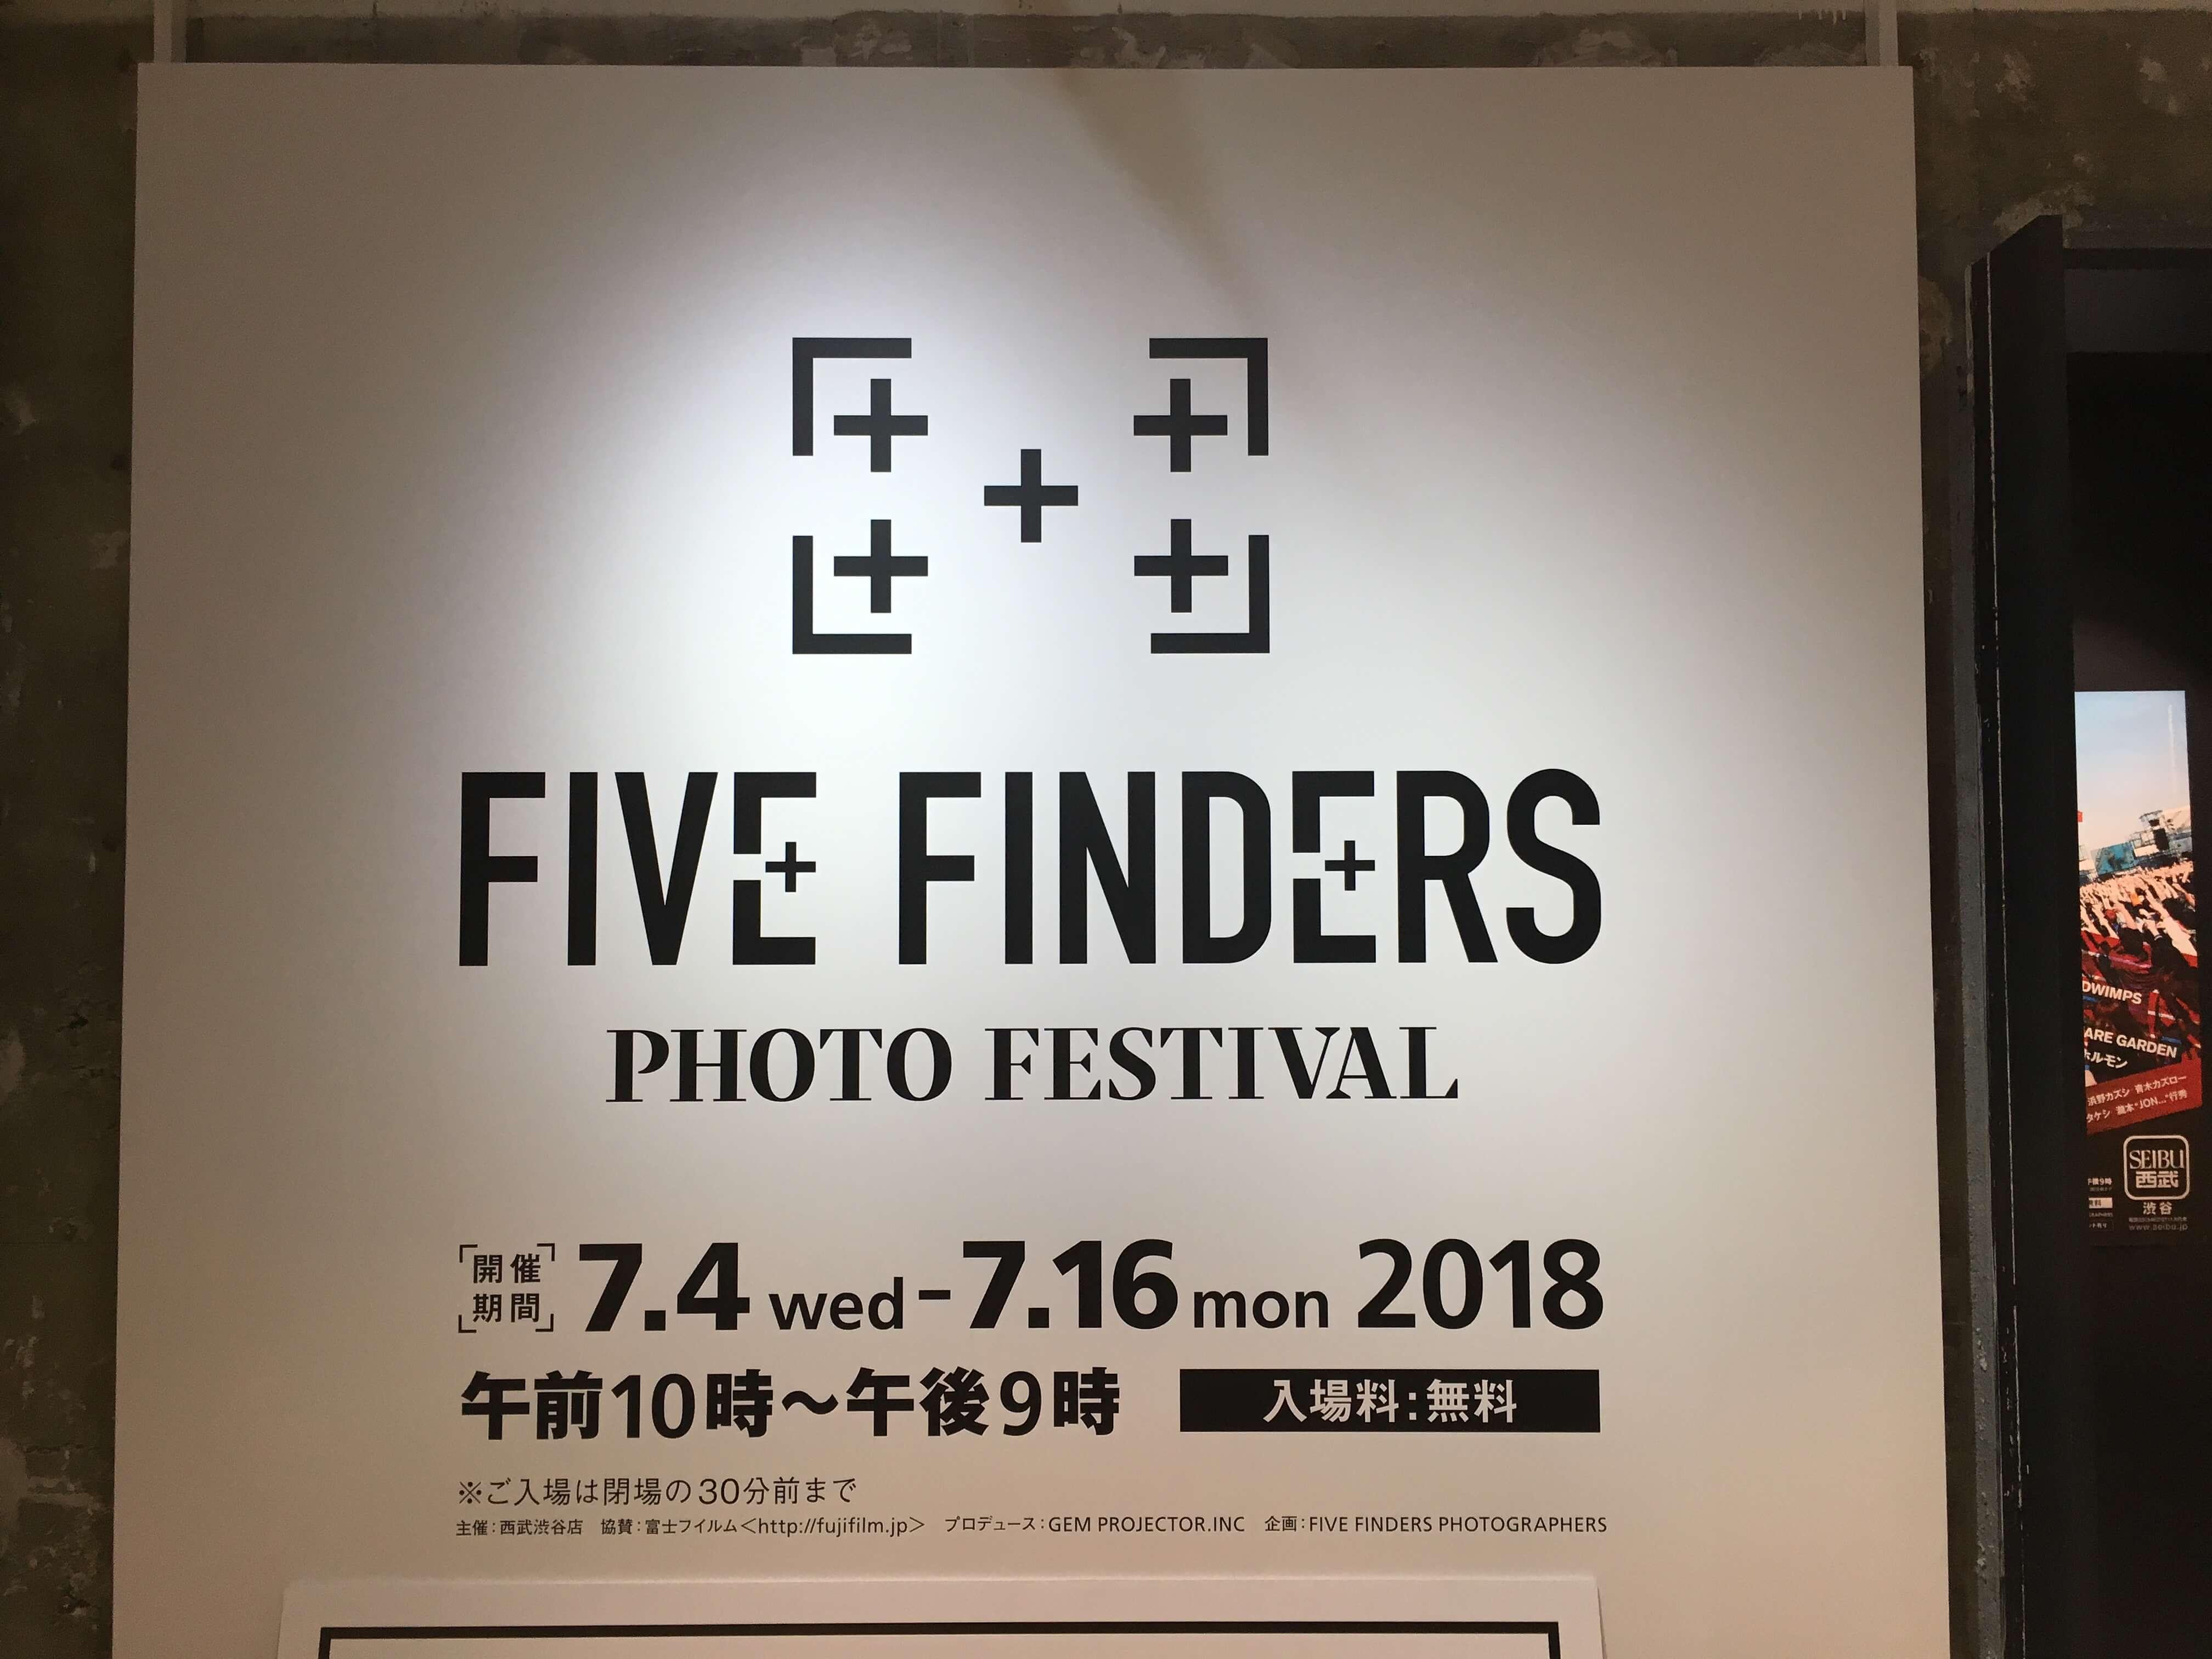 もうすぐFIVE FINDERS PHOTO FESTIVAL到着